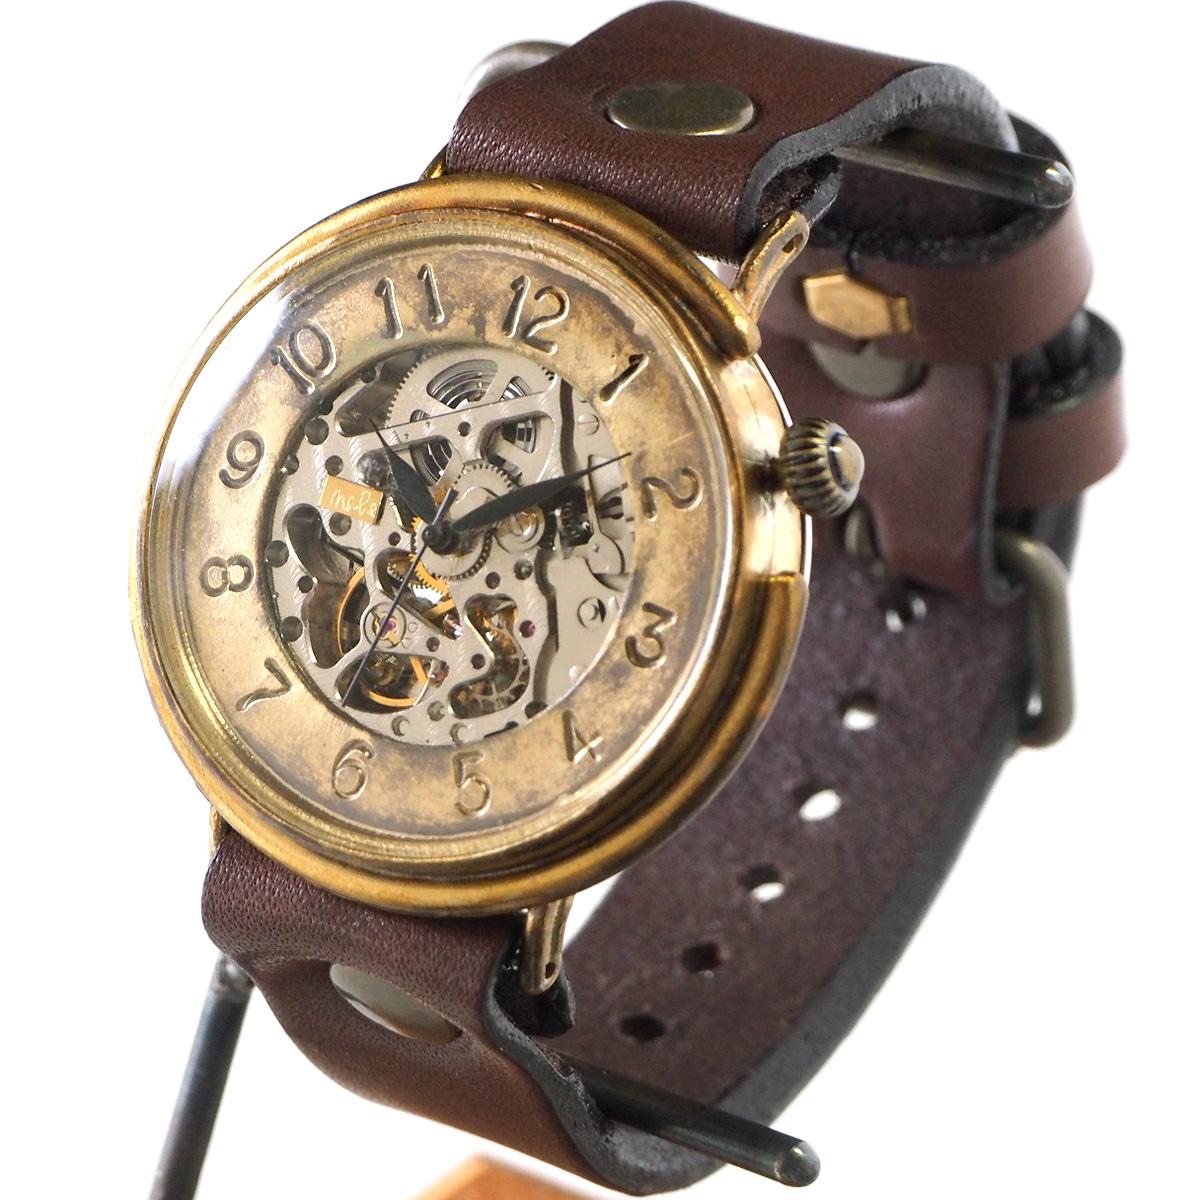 渡辺工房 手作り腕時計 自動巻 裏スケルトン ジャンボブラス プレート数字フェイス 42mm ノーマルベルト [NW-BAM043]